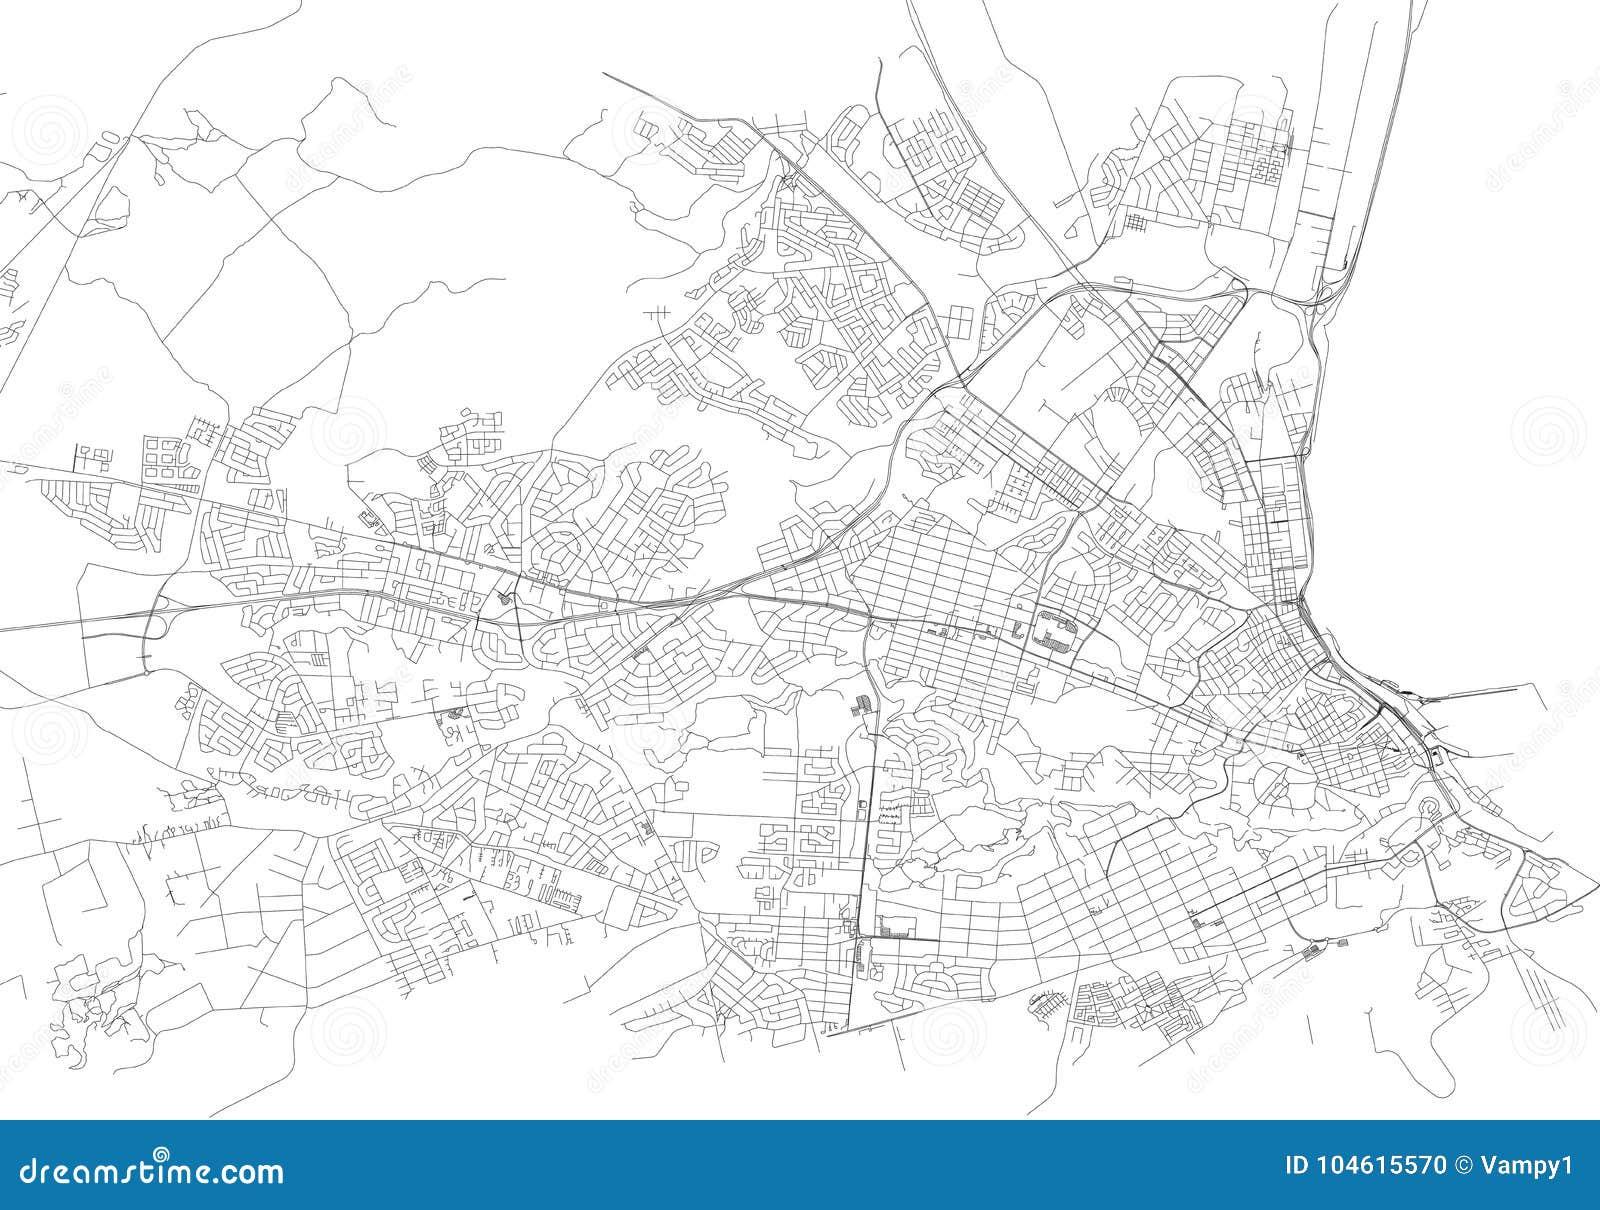 Rues de Port Elizabeth, carte de ville, Afrique du Sud